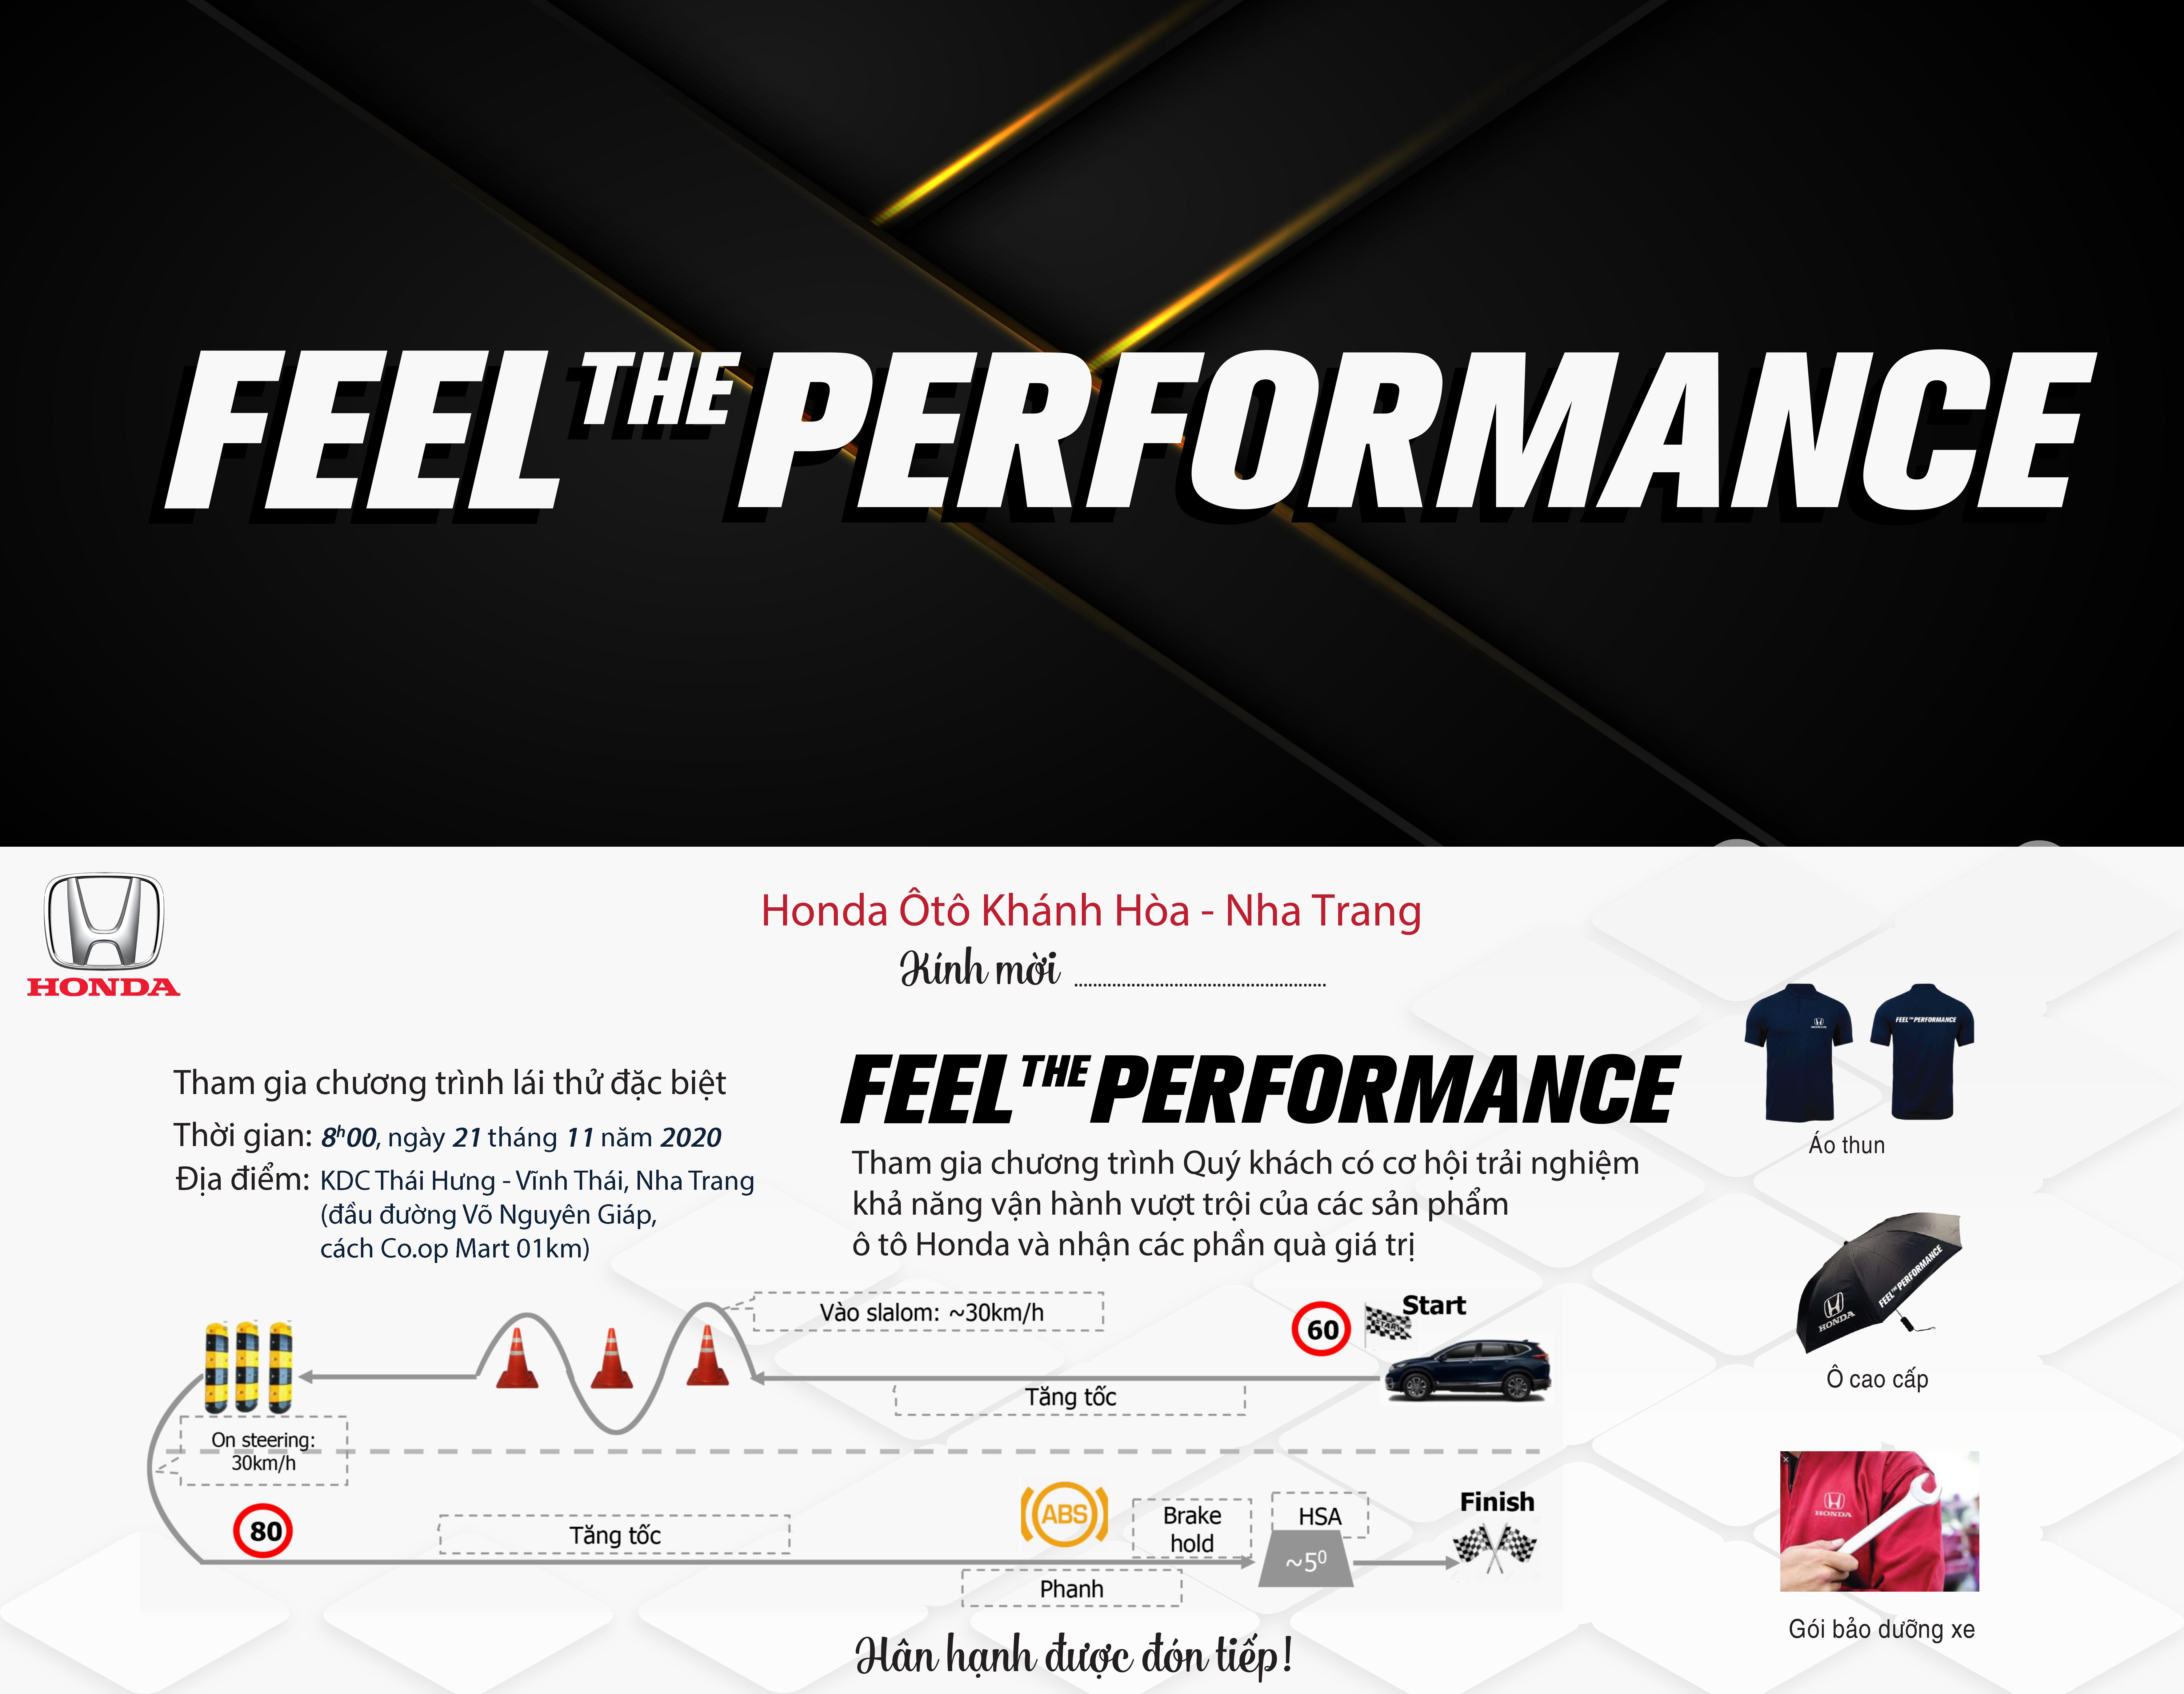 Chiến dịch Feel The Performance cùng Honda Ôtô Khánh Hòa – Nha Trang